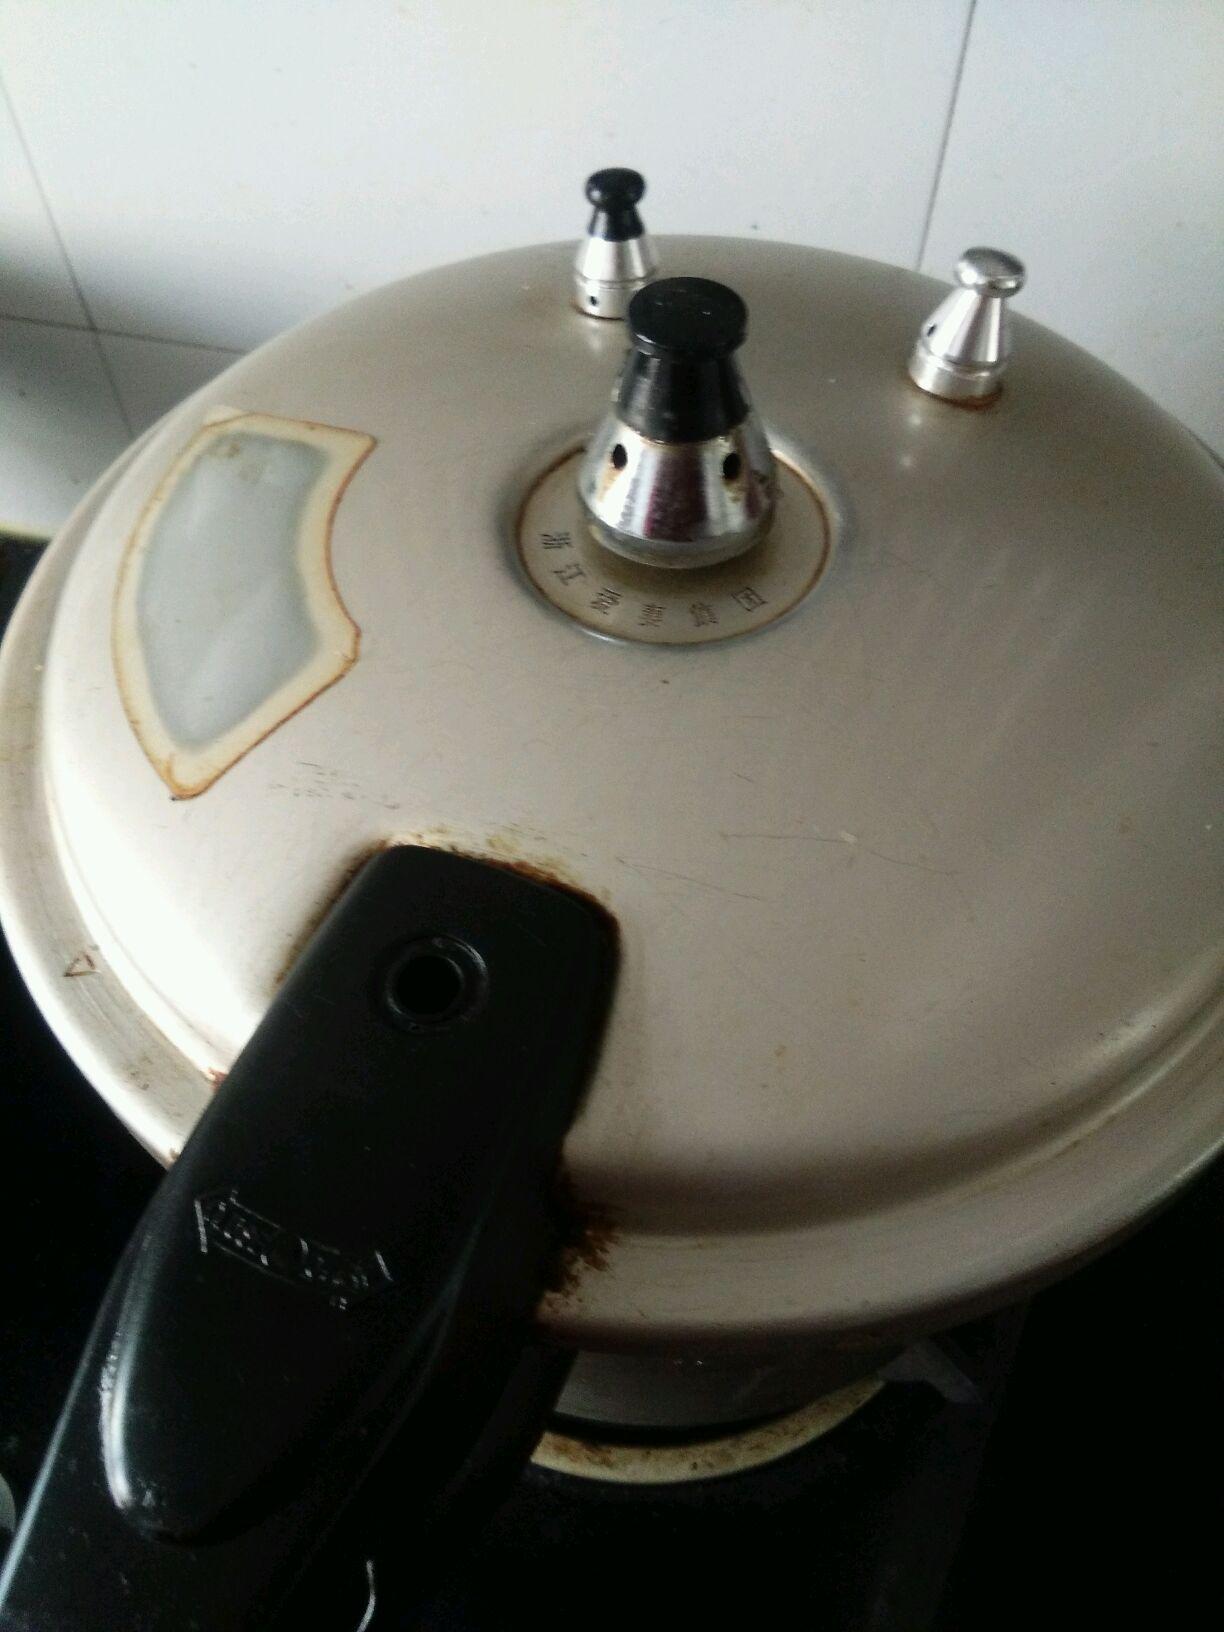 高压锅版猪筒骨海带汤的做法